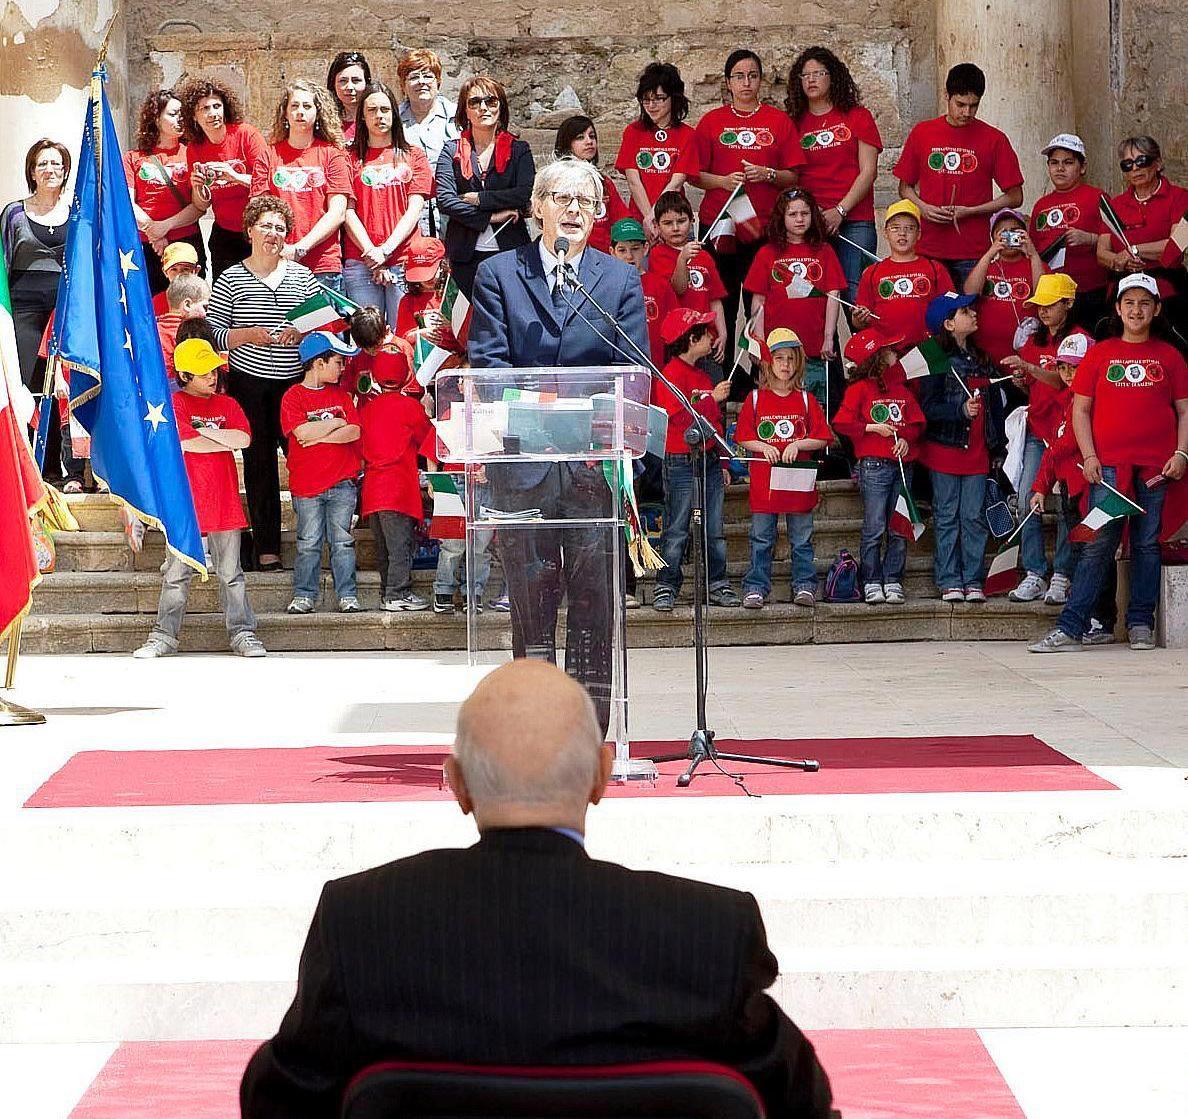 Maturità, una delle tracce riporta parte del discorso  tenuto da Vittorio Sgarbi nel 2010 a Salemi  per le celebrazioni del 150° anniversario dell'Unità d'Italia